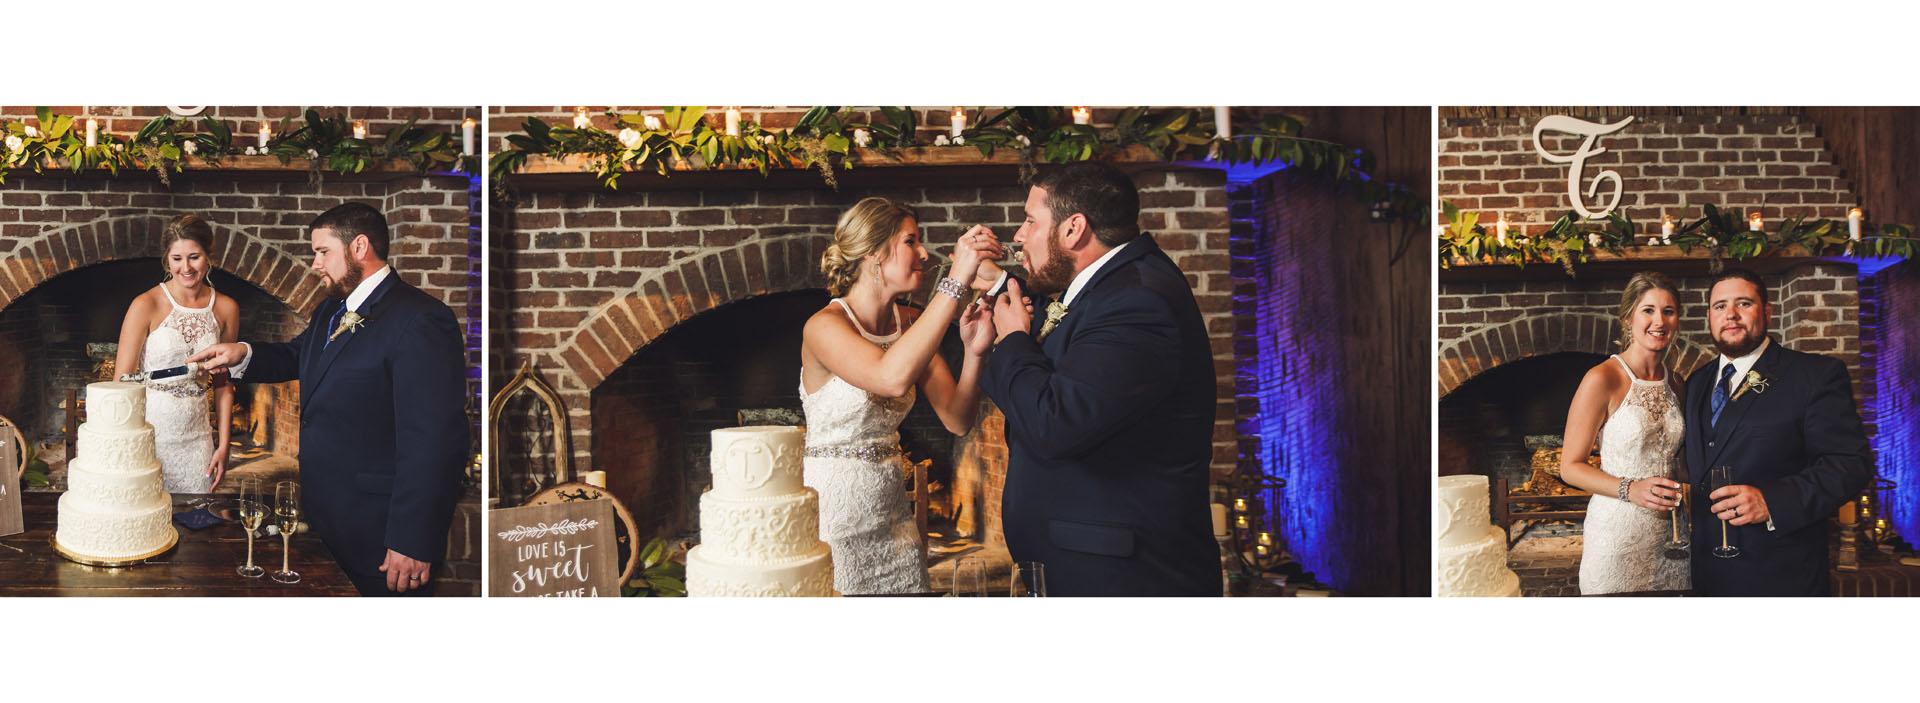 Megan and Titus_36